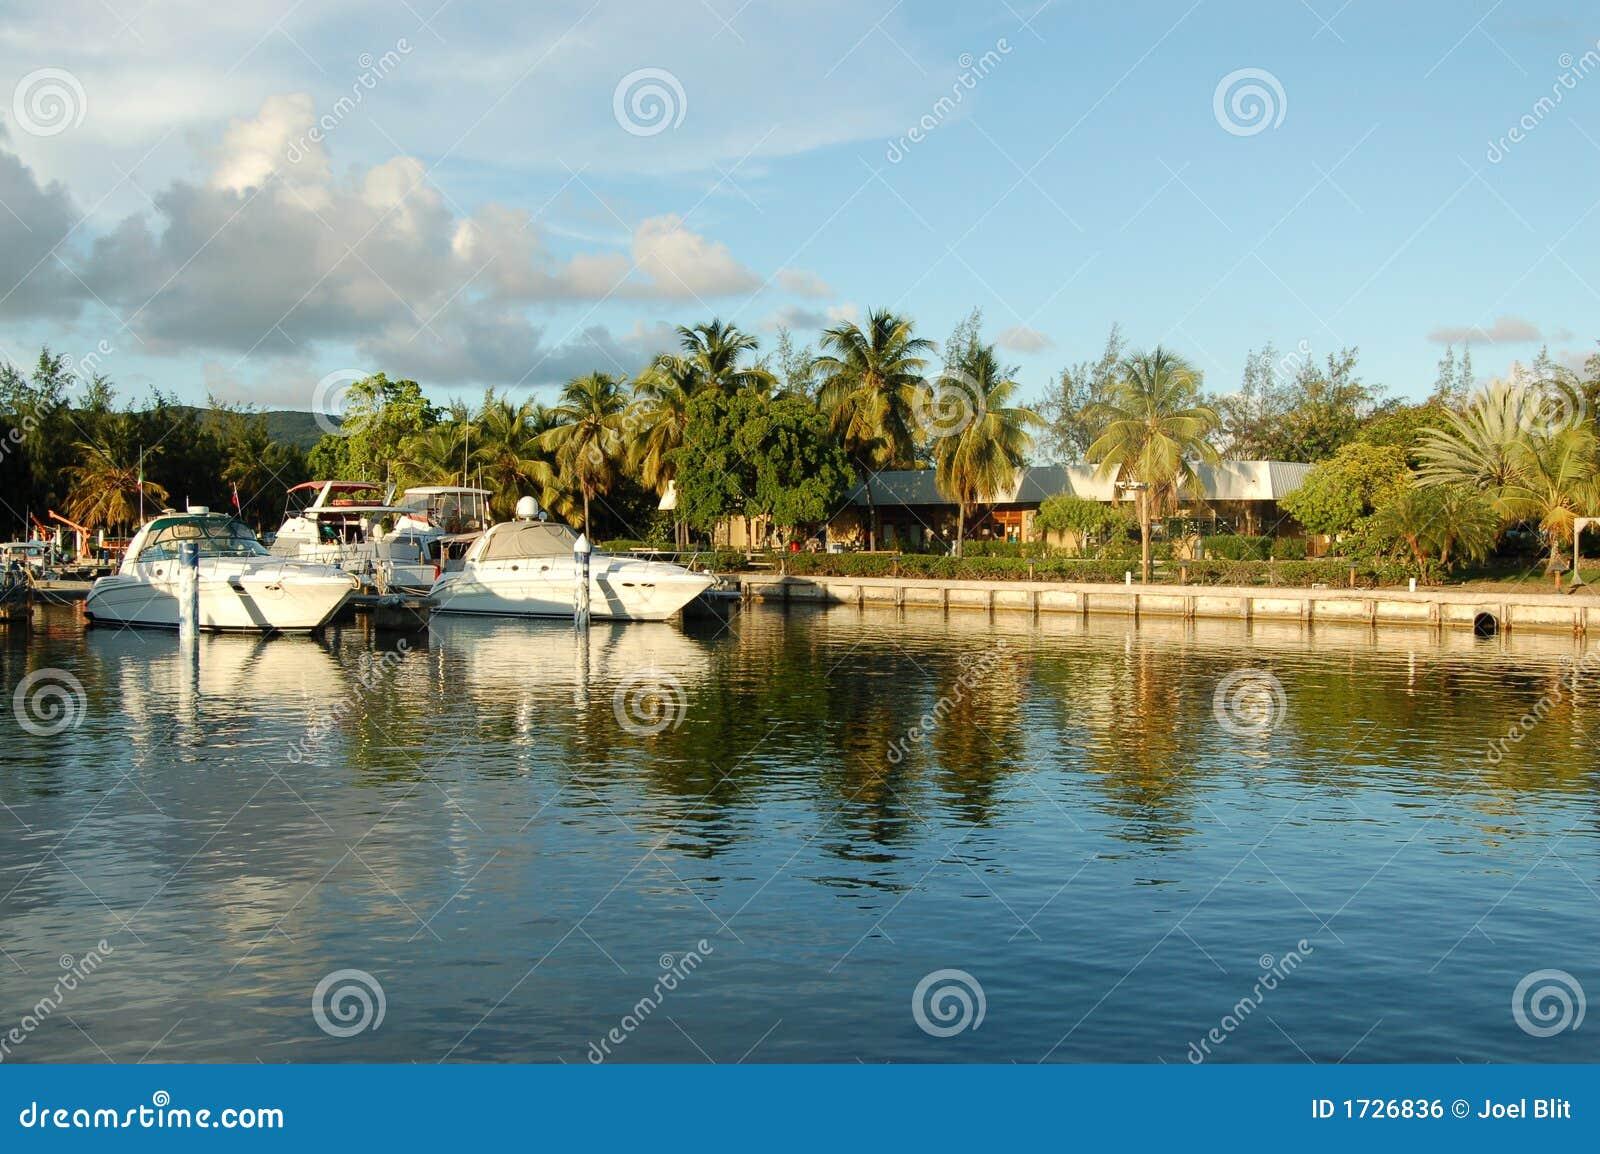 Boats docked in marina